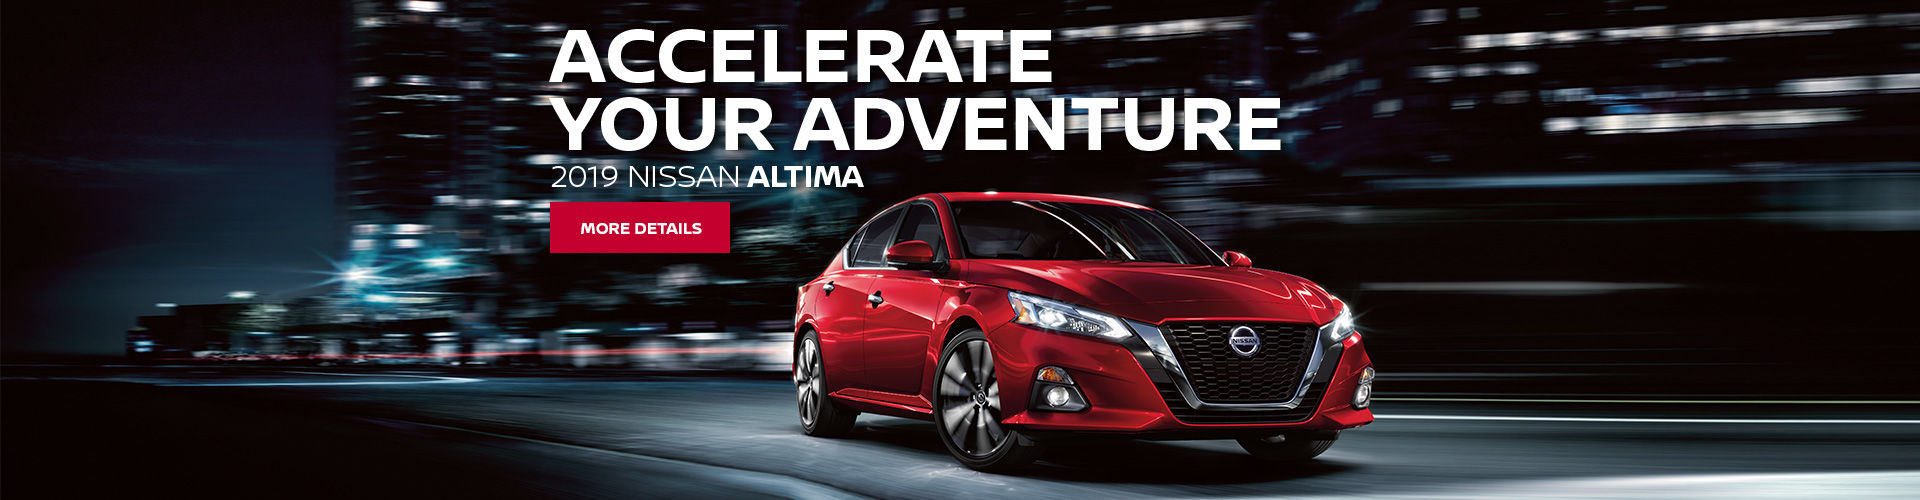 Accelerate your Adventure - 2019 Altima